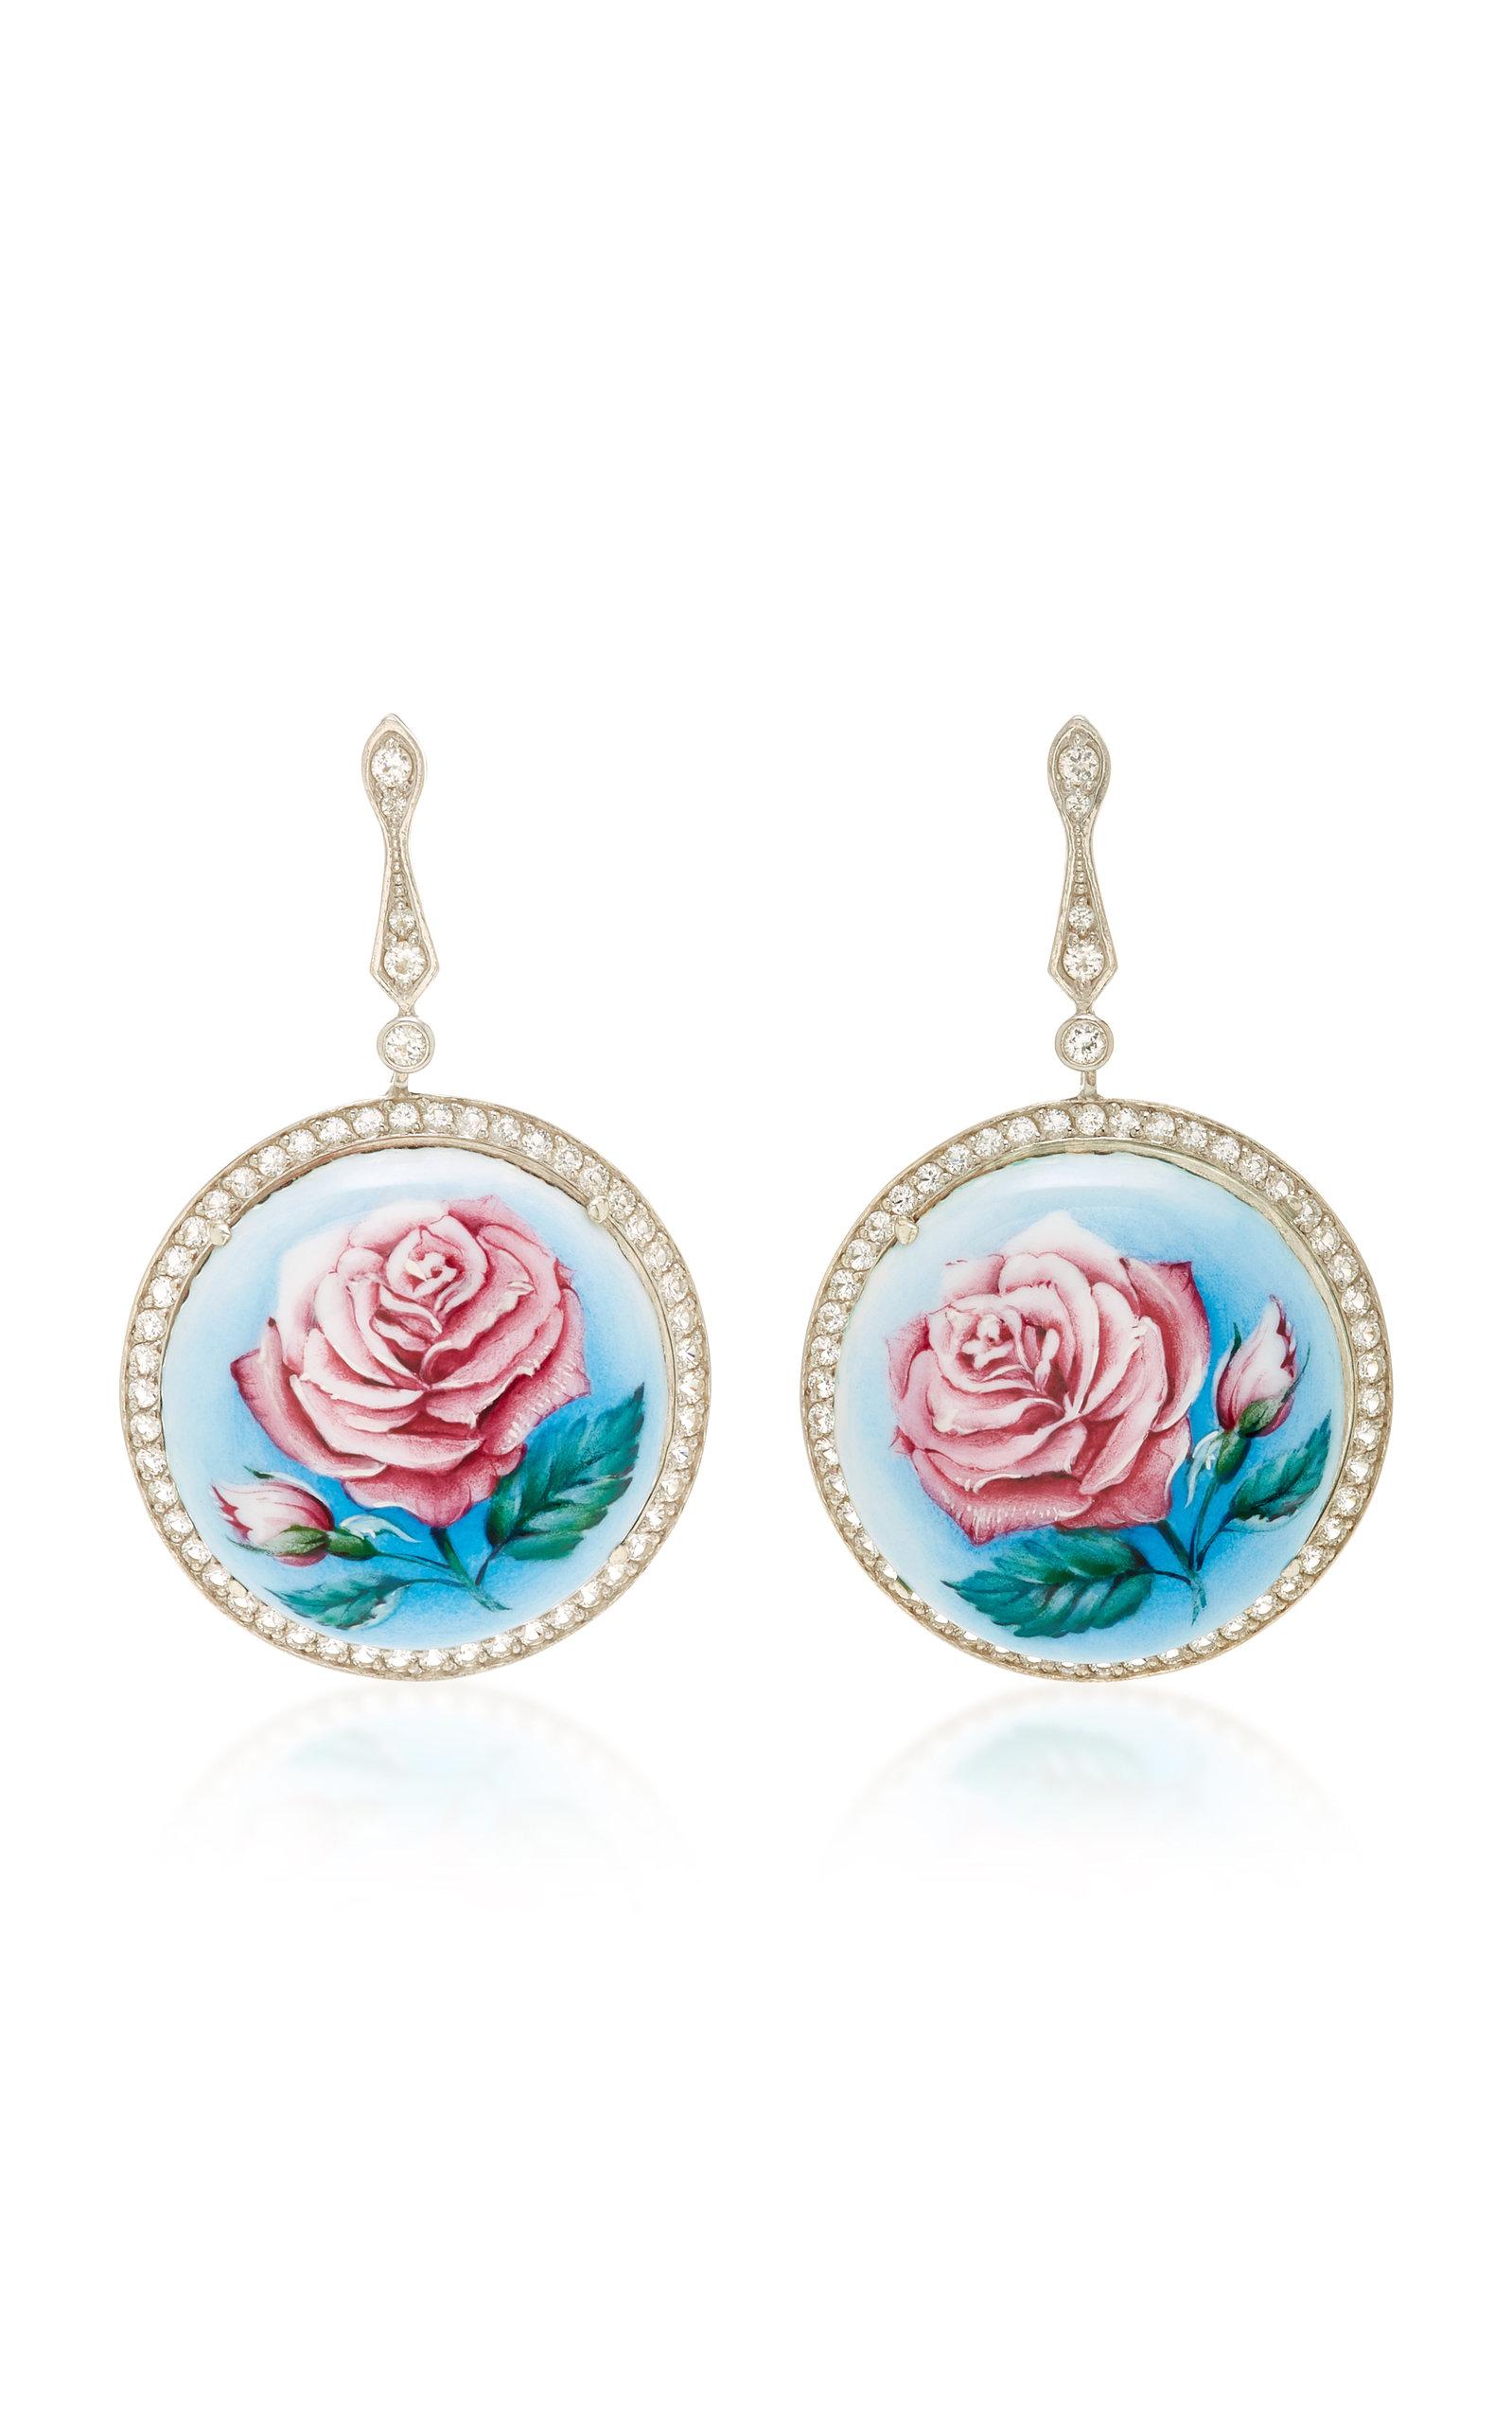 AXENOFF JEWELLERY La Vie En Rose Silver Drop Earrings in Floral